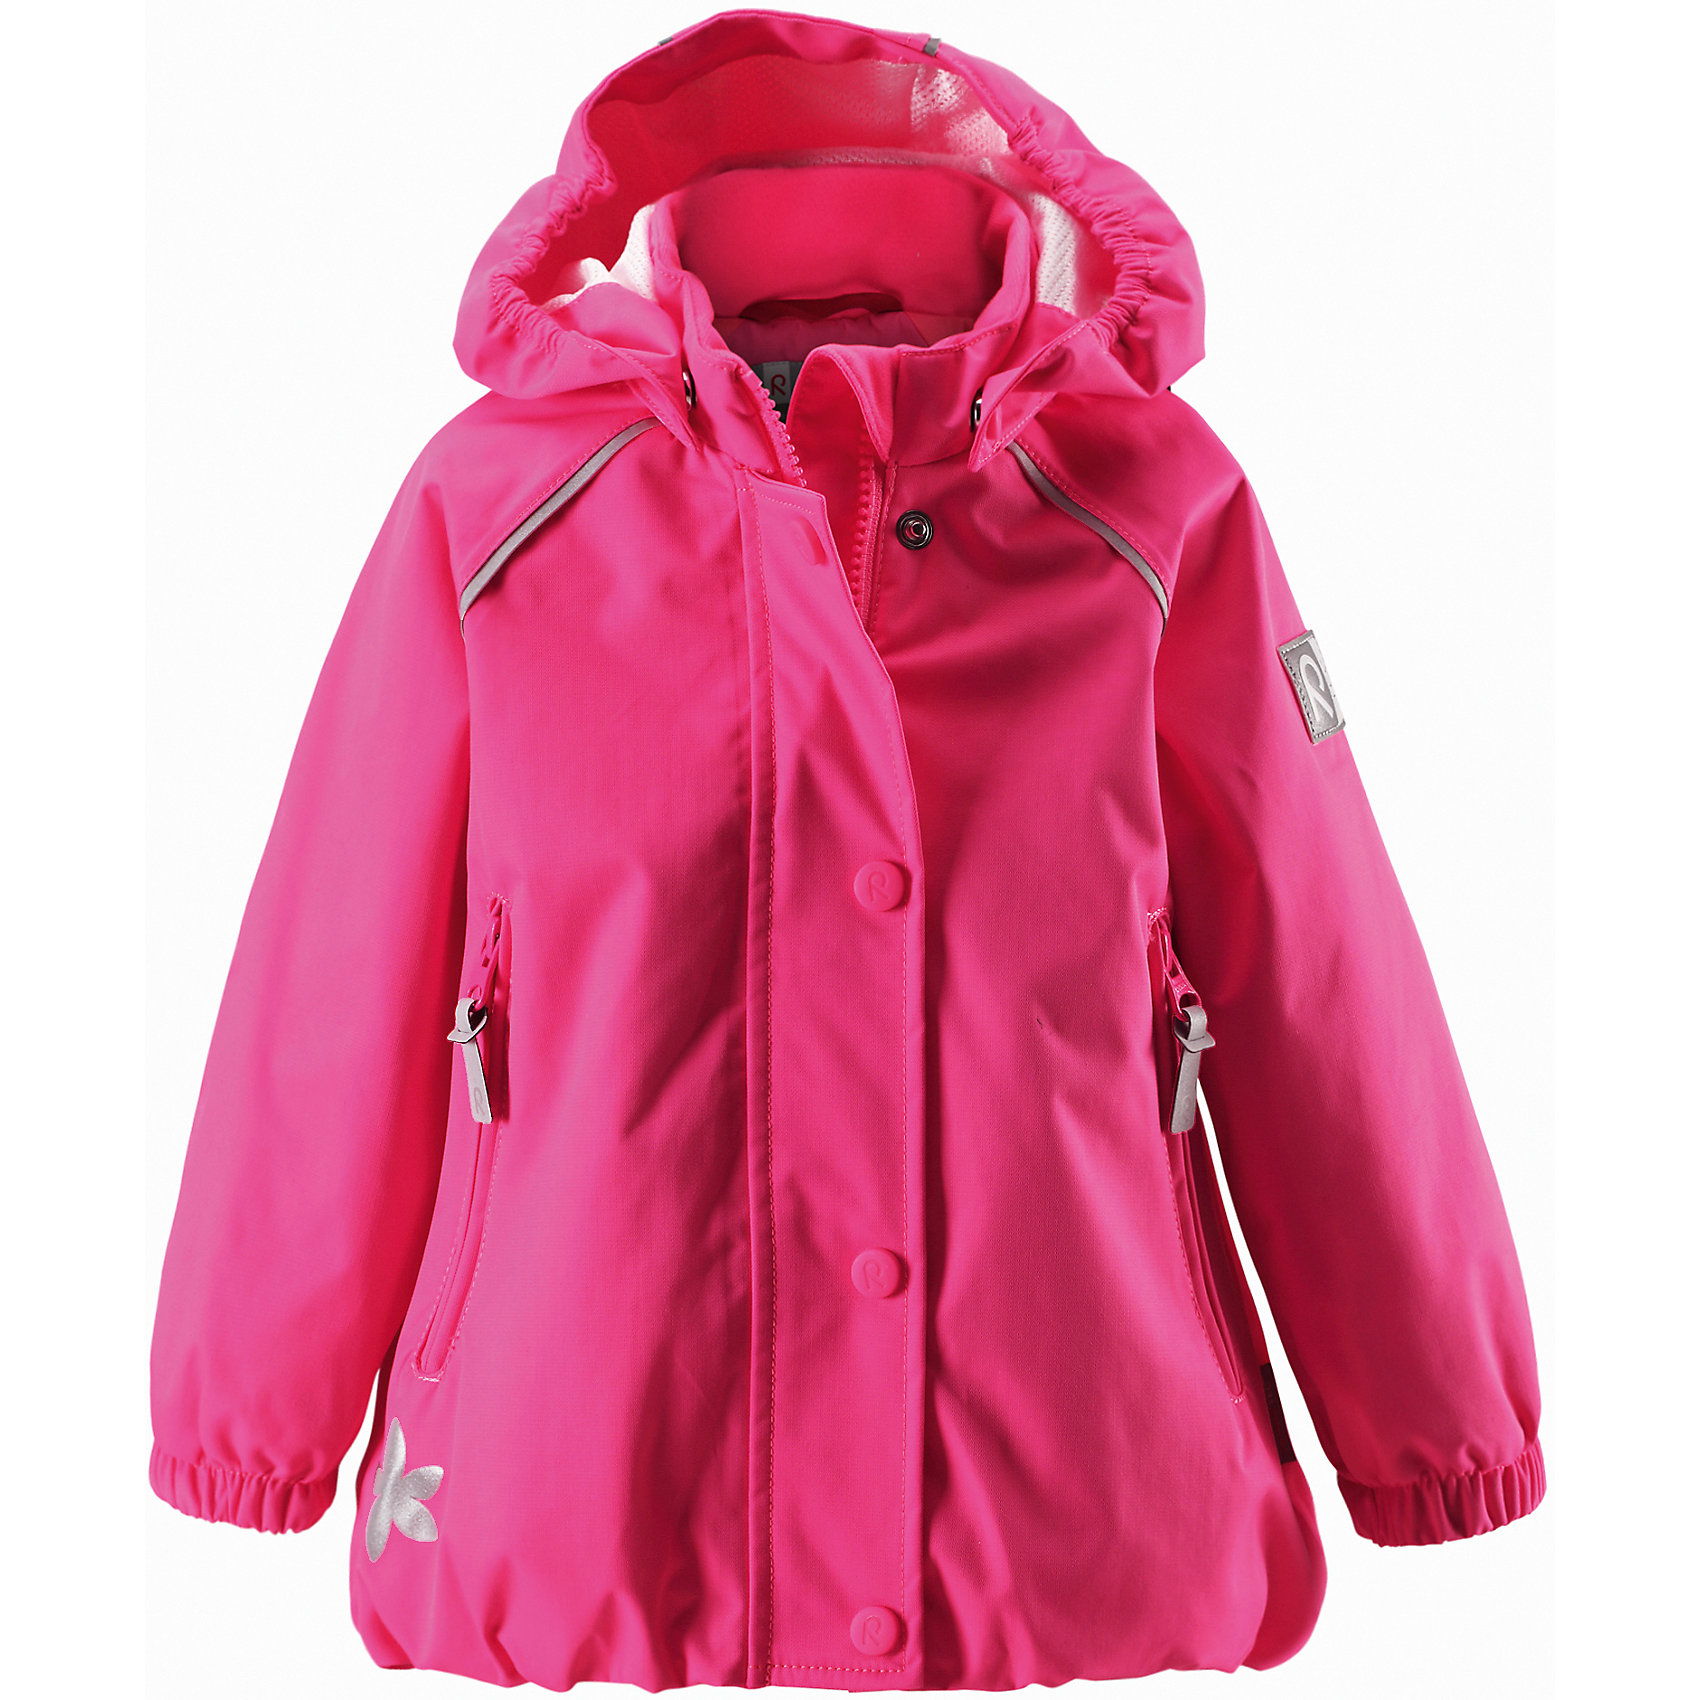 Куртка для девочки ReimaОдежда<br>Куртка Reimatec от финской марки Reima.<br>*Куртка демисезонная для малышей*Все швы проклеены и водонепроницаемы*Водо- и ветронепроницаемый, «дышащий» и грязеотталкивающий материал*Подкладка из mesh-сетки*Безопасный, съемный капюшон*Регулируемый подол*Два кармана на молнии*Безопасные светоотражающие детали<br>Состав:<br>100% ПА, ПУ-покрытие<br><br>Ширина мм: 356<br>Глубина мм: 10<br>Высота мм: 245<br>Вес г: 519<br>Цвет: розовый<br>Возраст от месяцев: 18<br>Возраст до месяцев: 24<br>Пол: Женский<br>Возраст: Детский<br>Размер: 74,98,86,80,92<br>SKU: 4631338